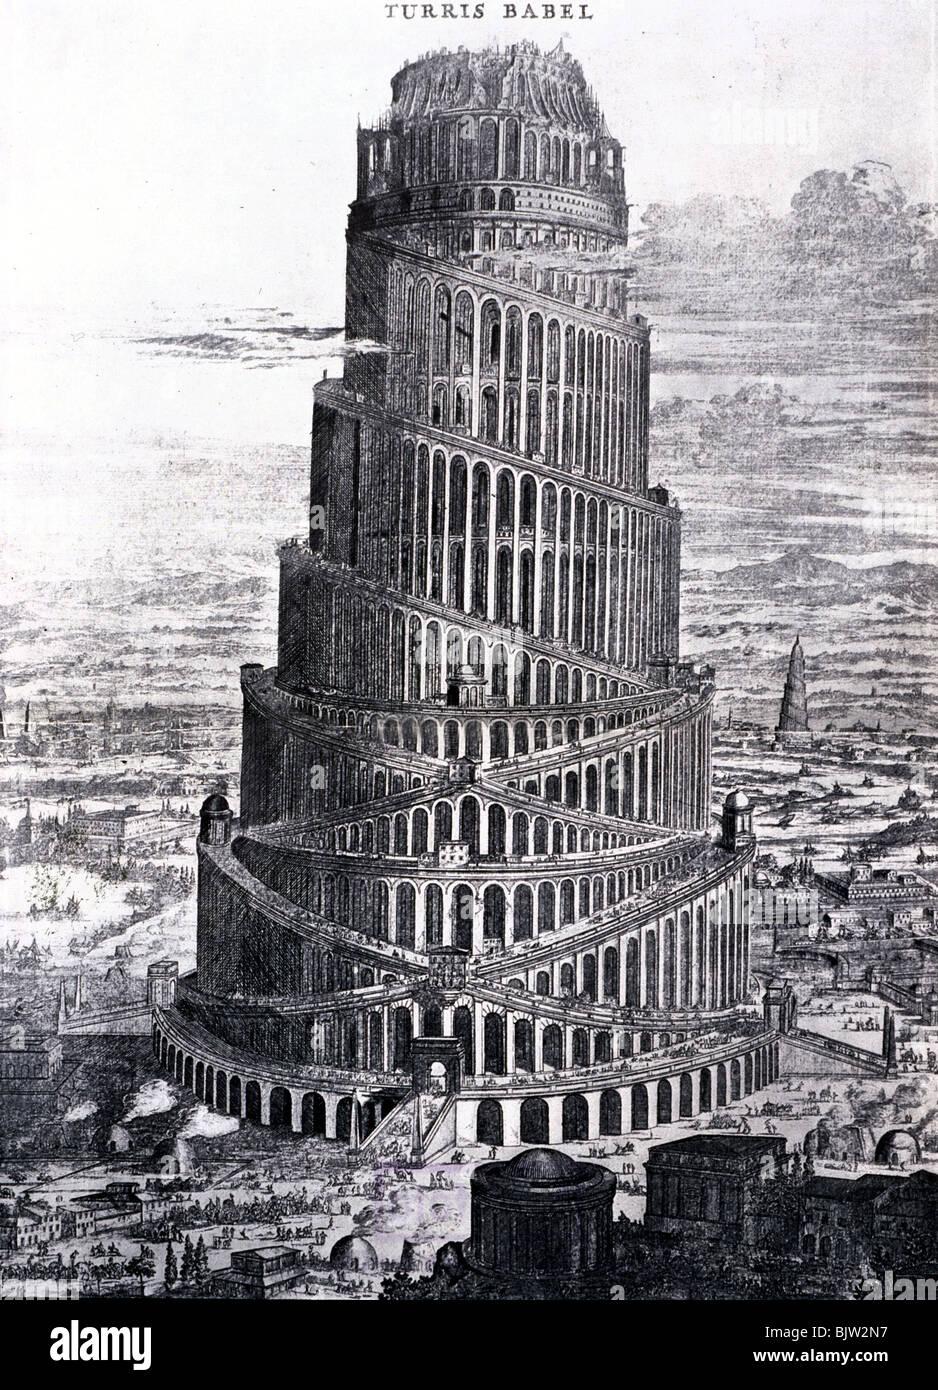 Turm Babylon